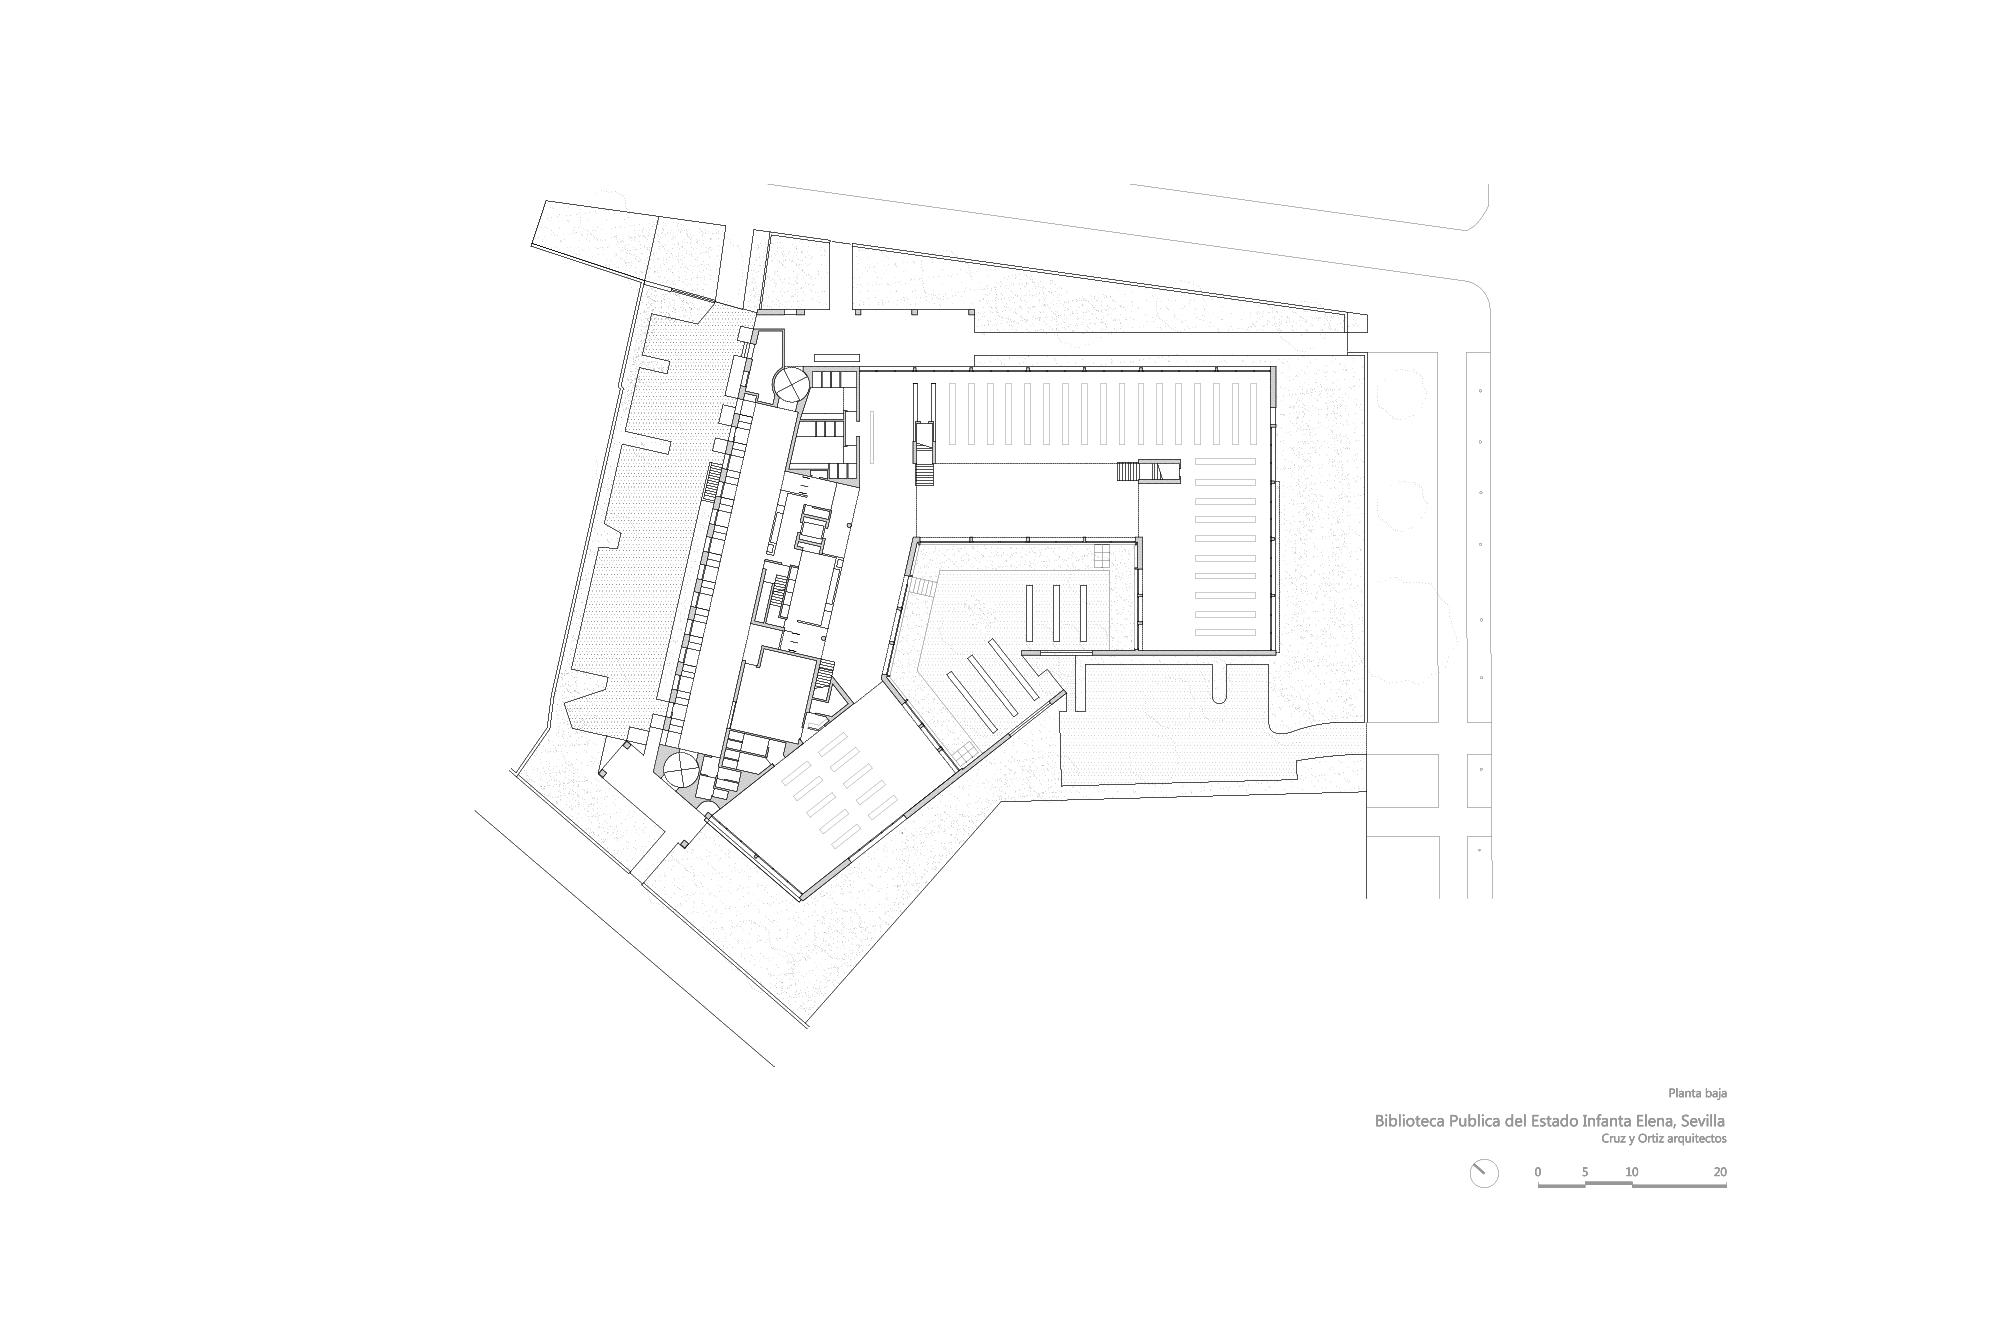 Cruz y ortiz arquitectos biblioteca infanta elena de for Planos de bibliotecas